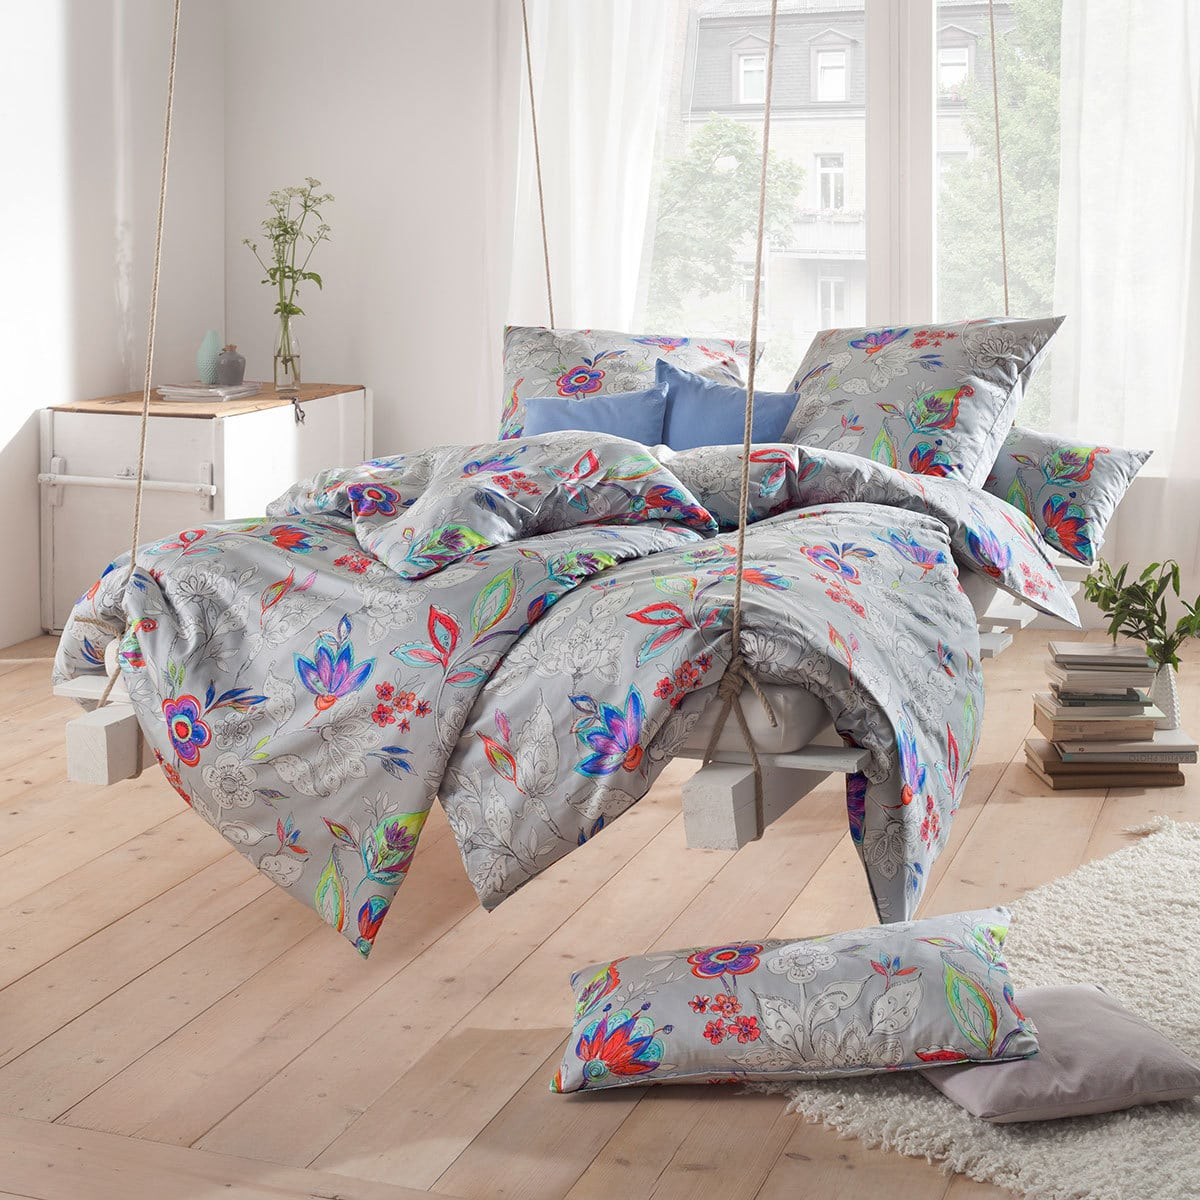 estella mako satin bettw sche luisa silber g nstig online kaufen bei bettwaren shop. Black Bedroom Furniture Sets. Home Design Ideas